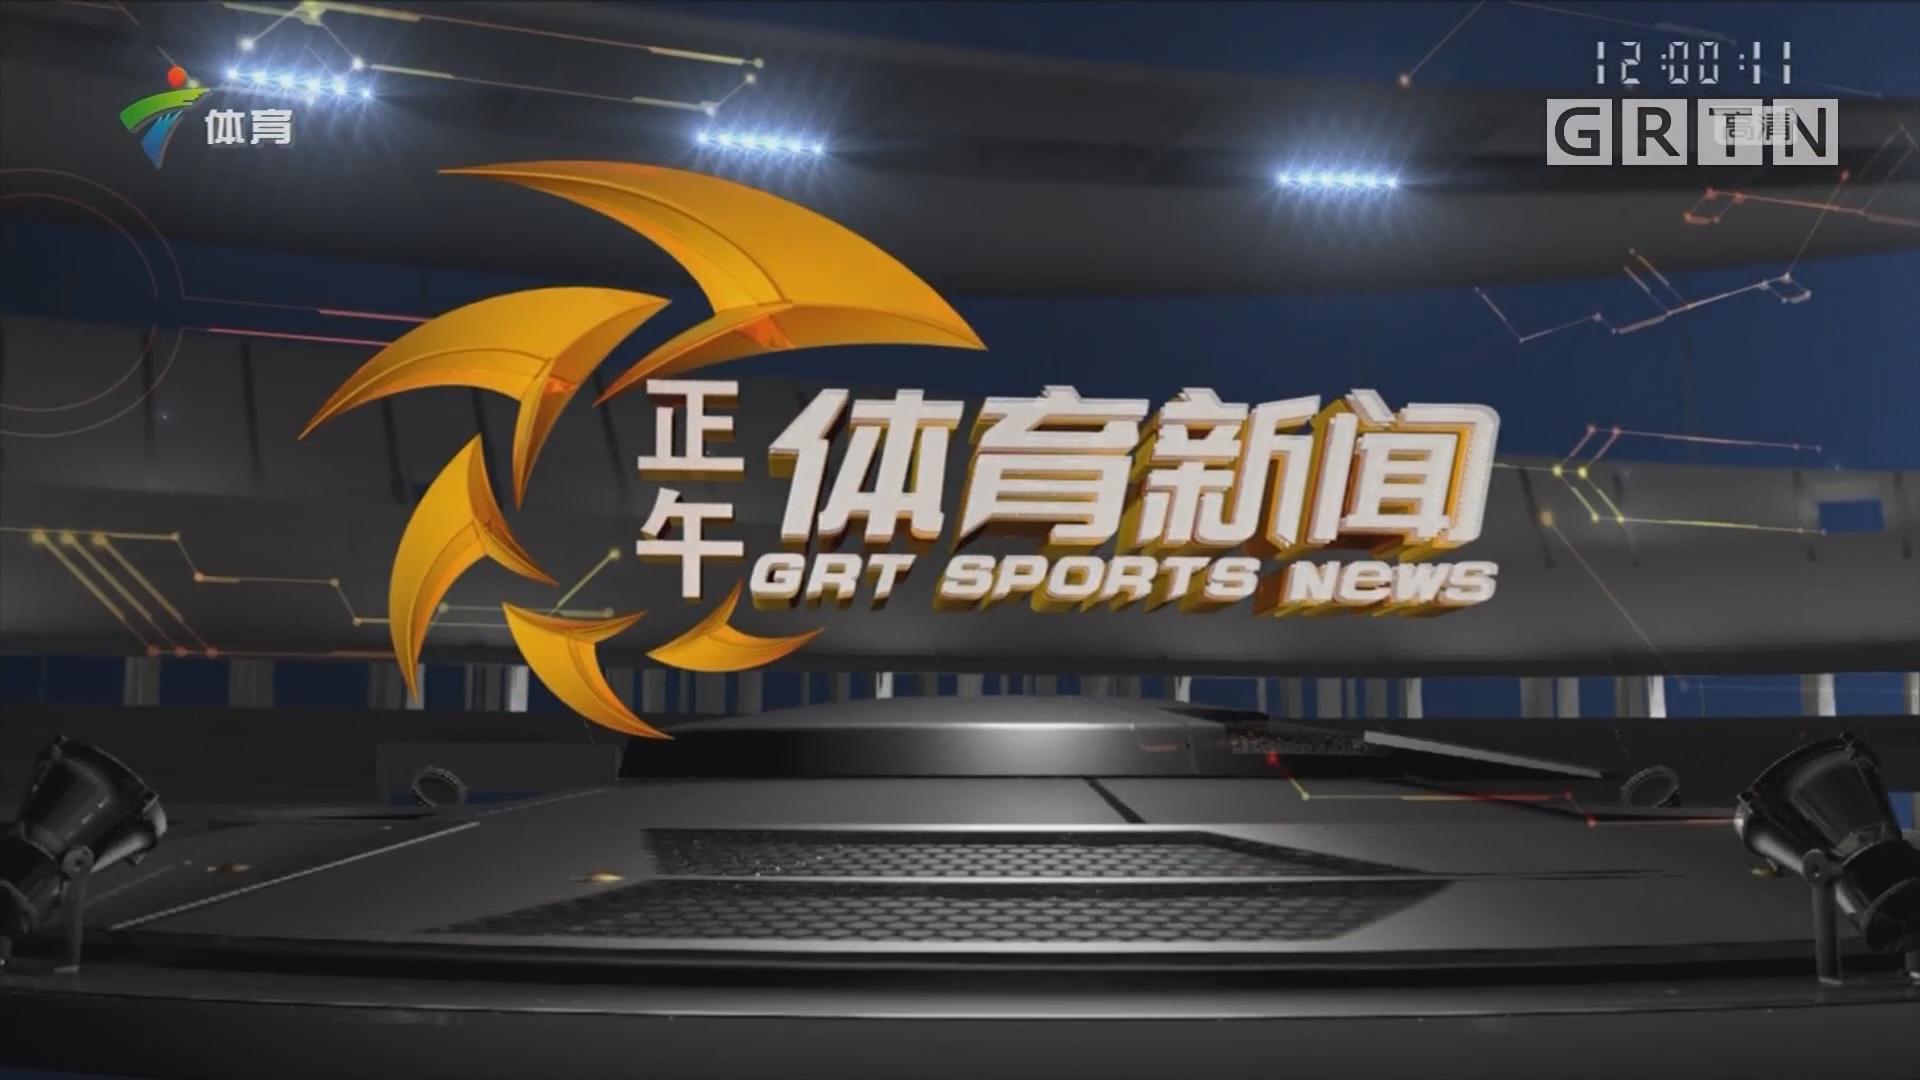 [HD][2019-02-08]正午体育新闻:刘奕鸣、张修维、何超三名球员正式加盟广州恒大